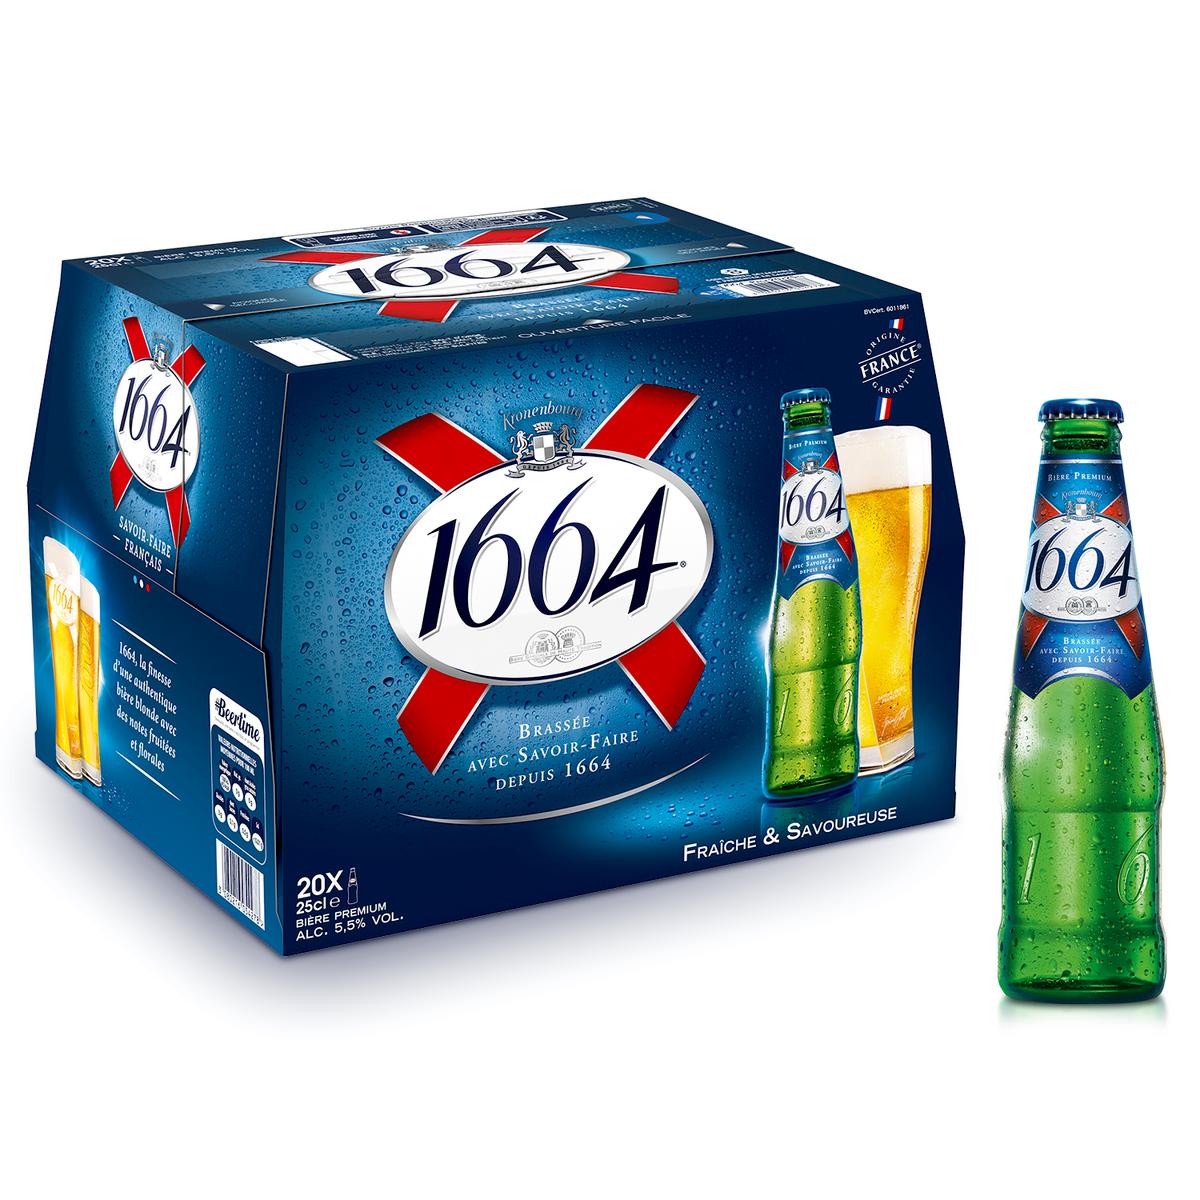 Bière blonde 1664 offre à 10,64€